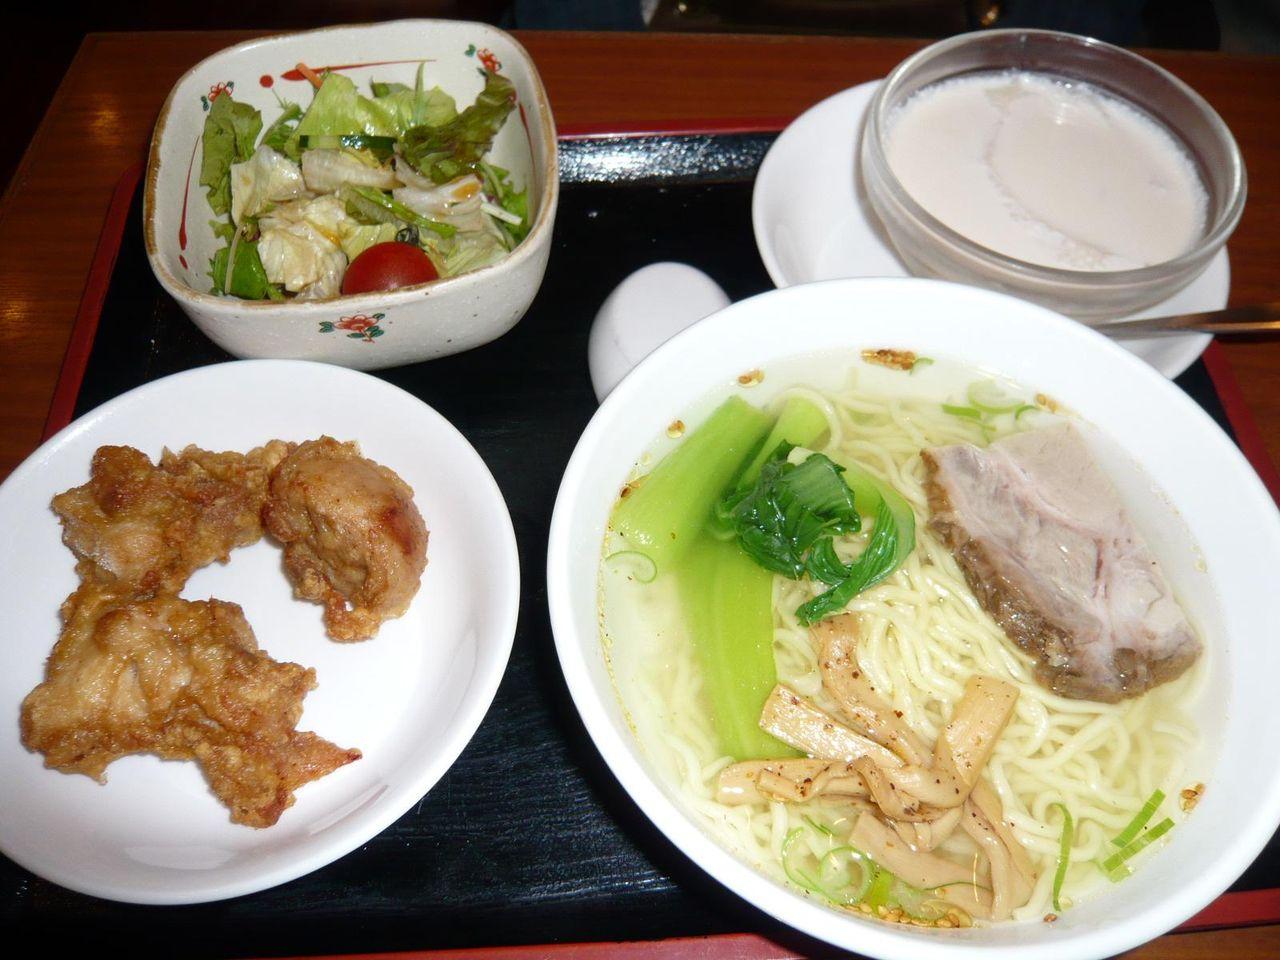 4品800円ランチ・・・塩ラーメン、鶏唐揚げ、サラダ、杏仁豆腐